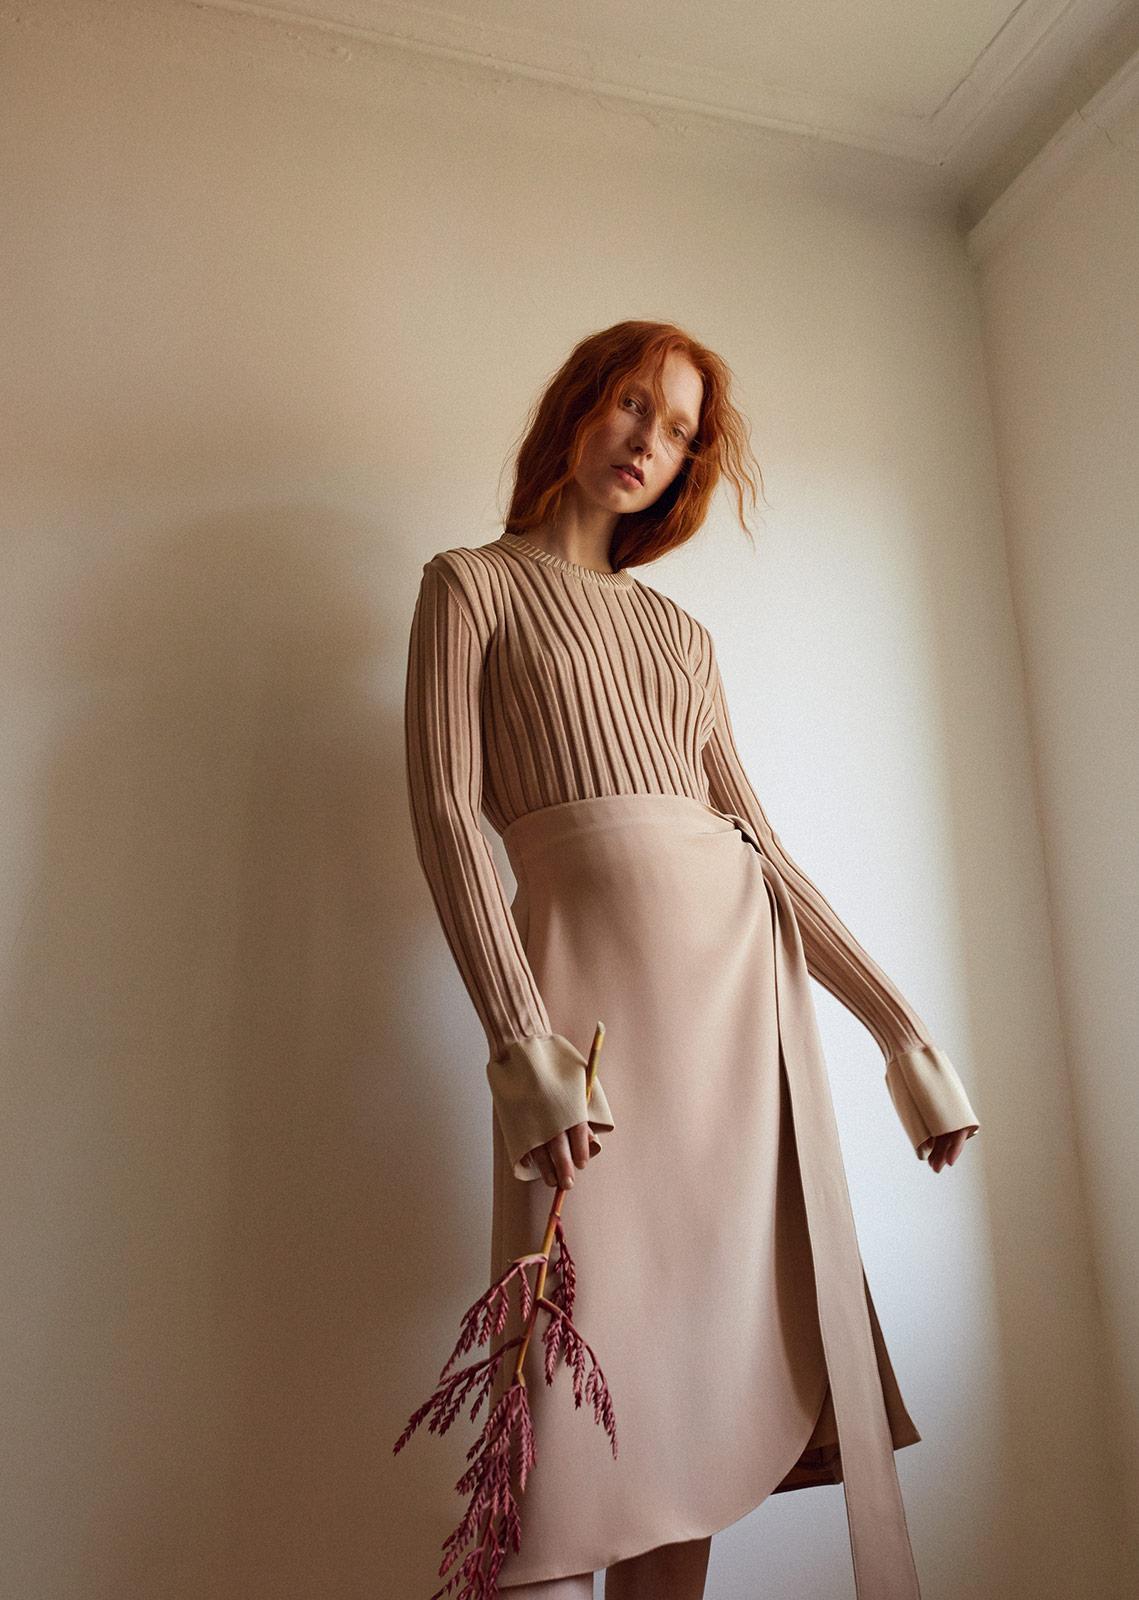 Top & Skirt: Celine